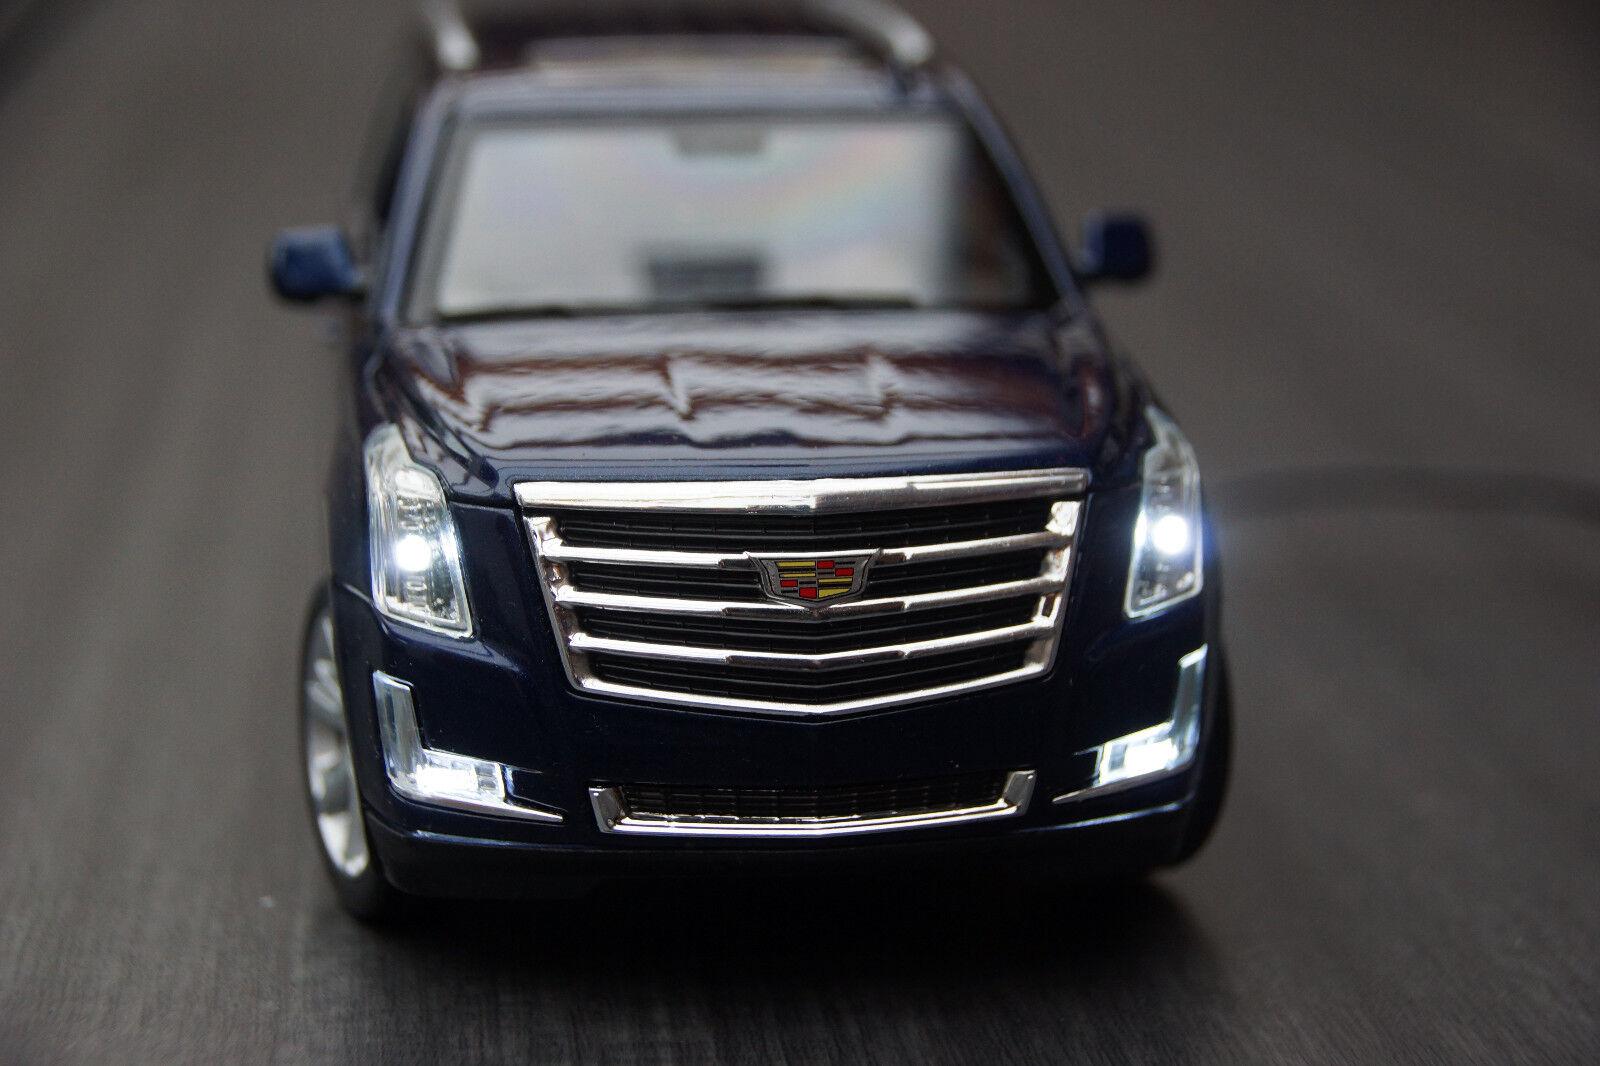 2017 Cadillac Escalade con LED-Illuminazione (Xenon) 1 24 BLU